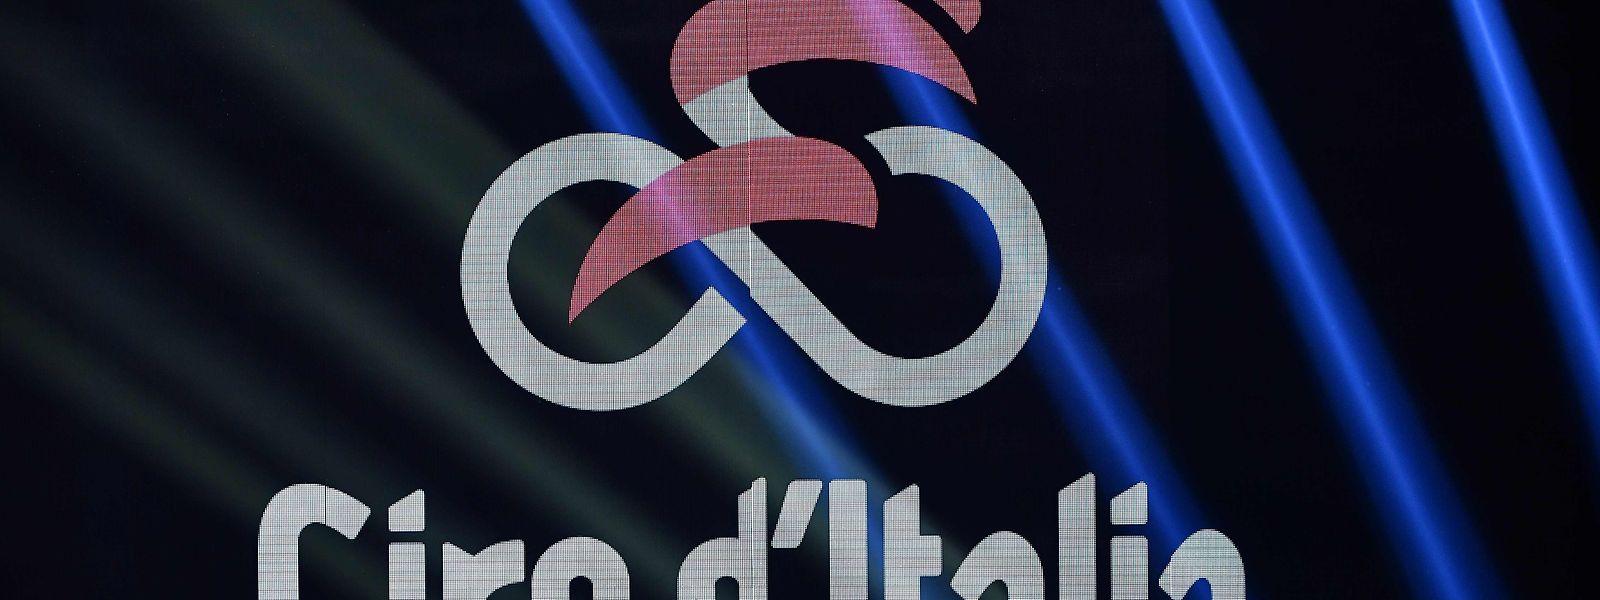 Voici le logo officiel du 103e Giro, qui s'élancera de Budapest le 9 mai pour se clôturer à Milan le 31 mai 2020